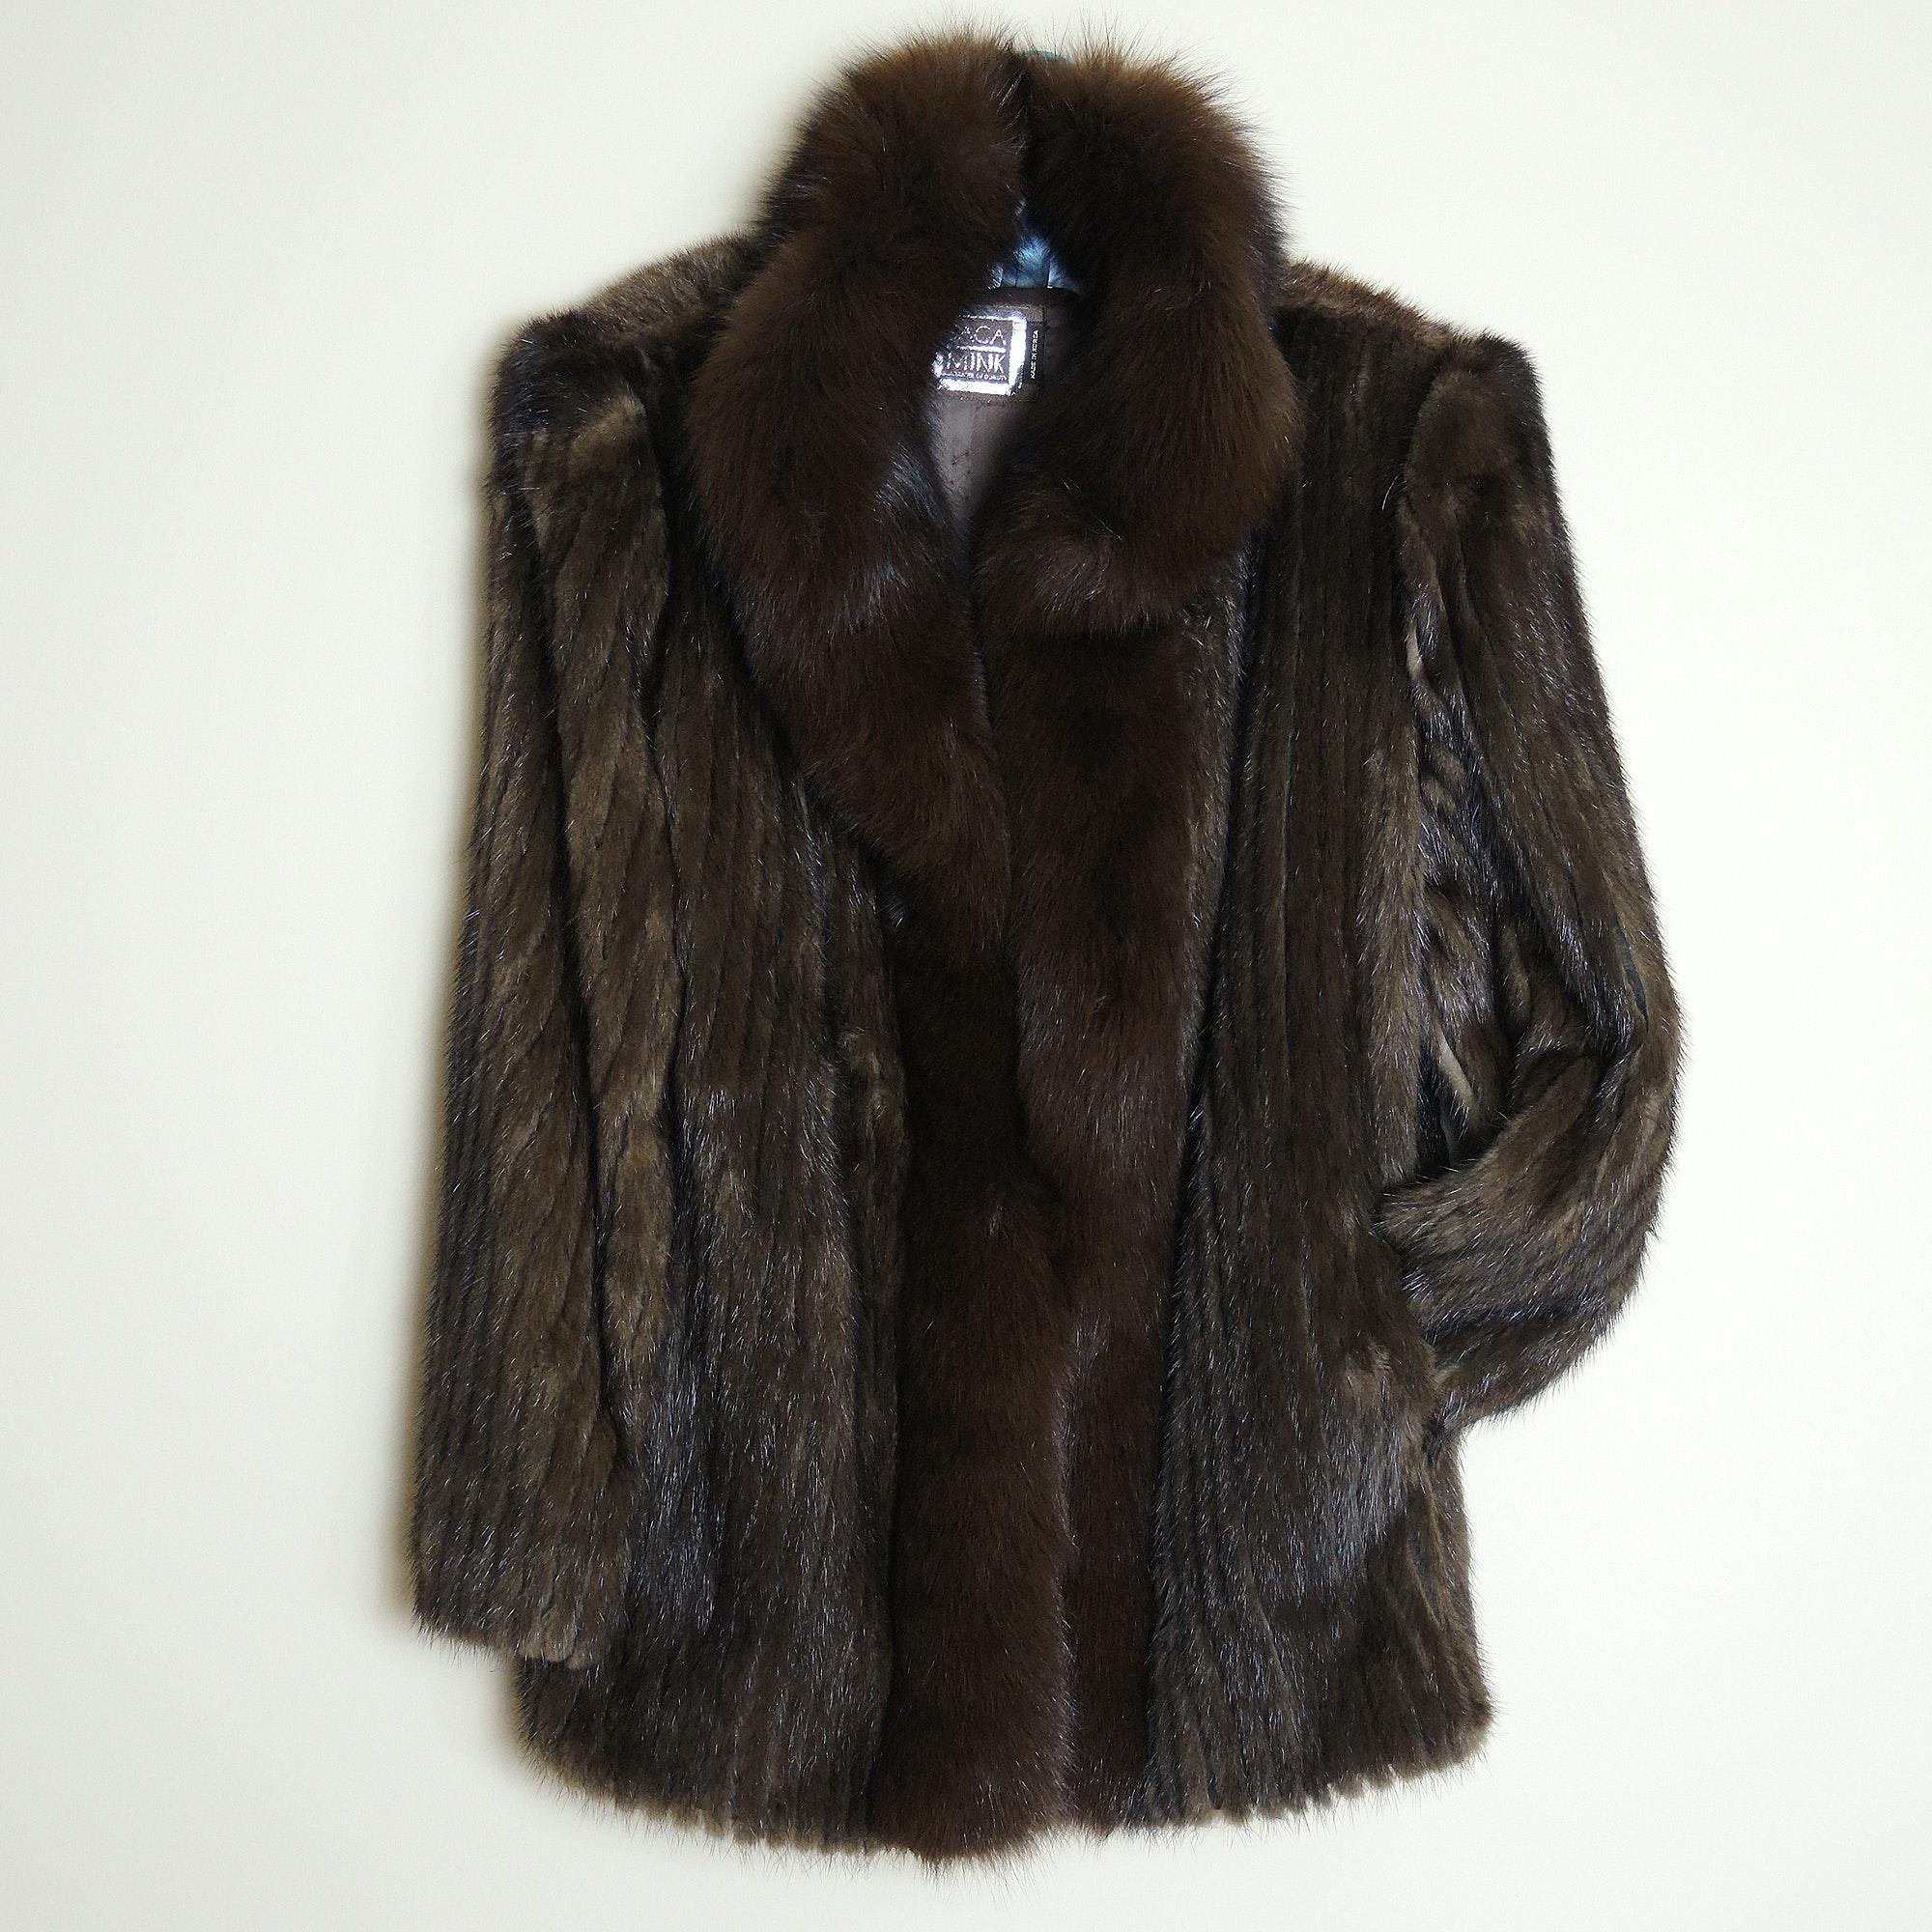 Saga Mink Fur Jacket with Fox Fur Collar